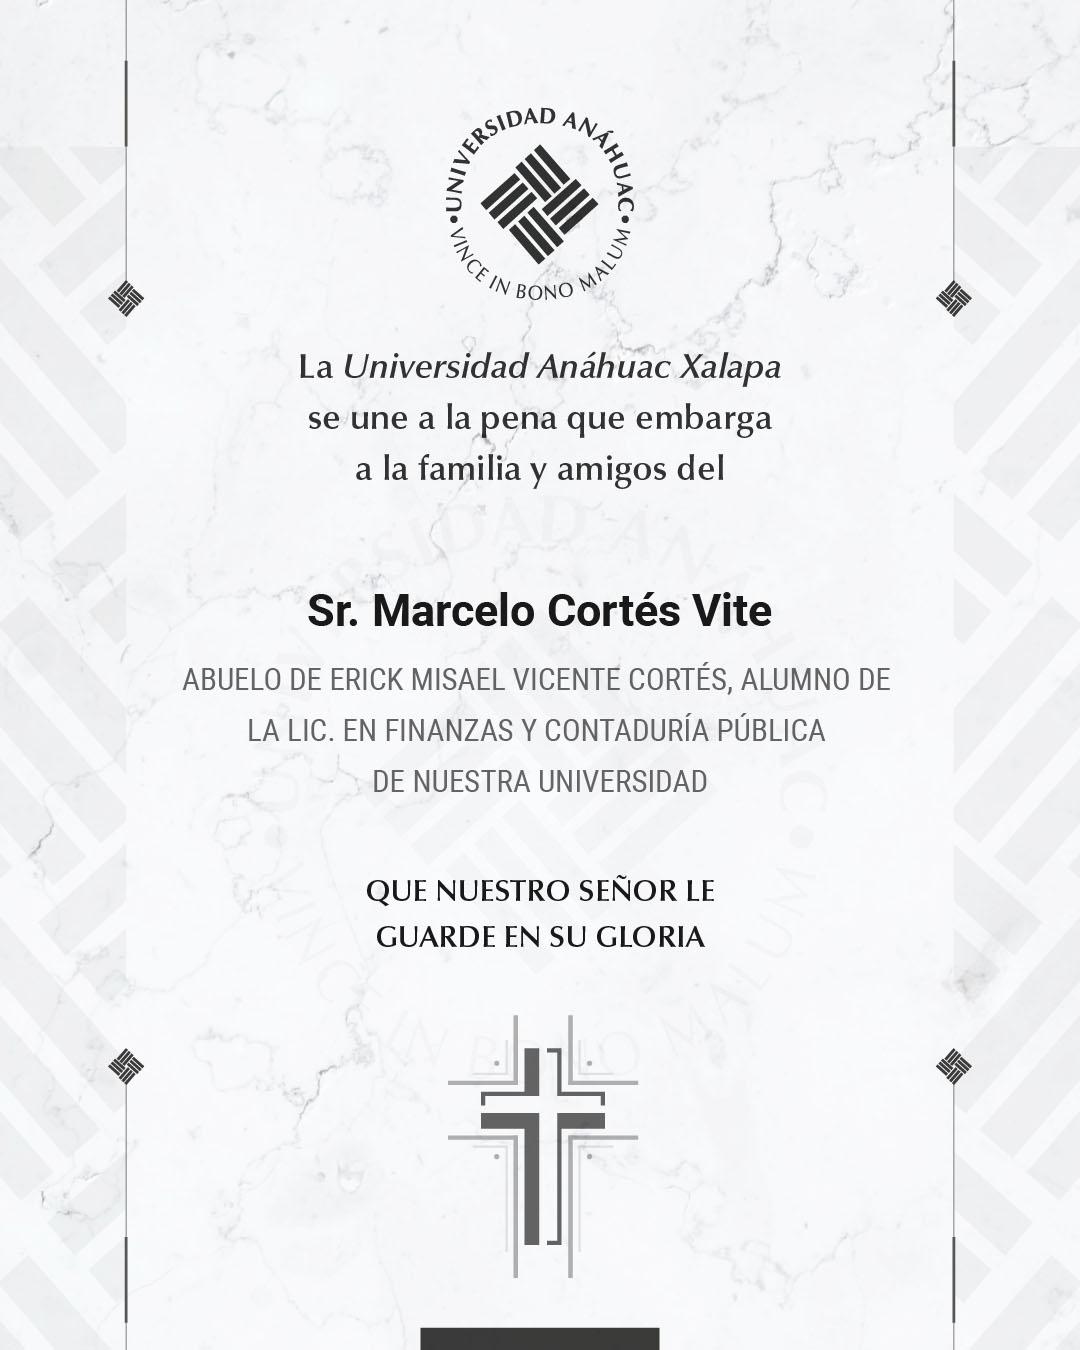 Sr. Marcelo Cortés Vite